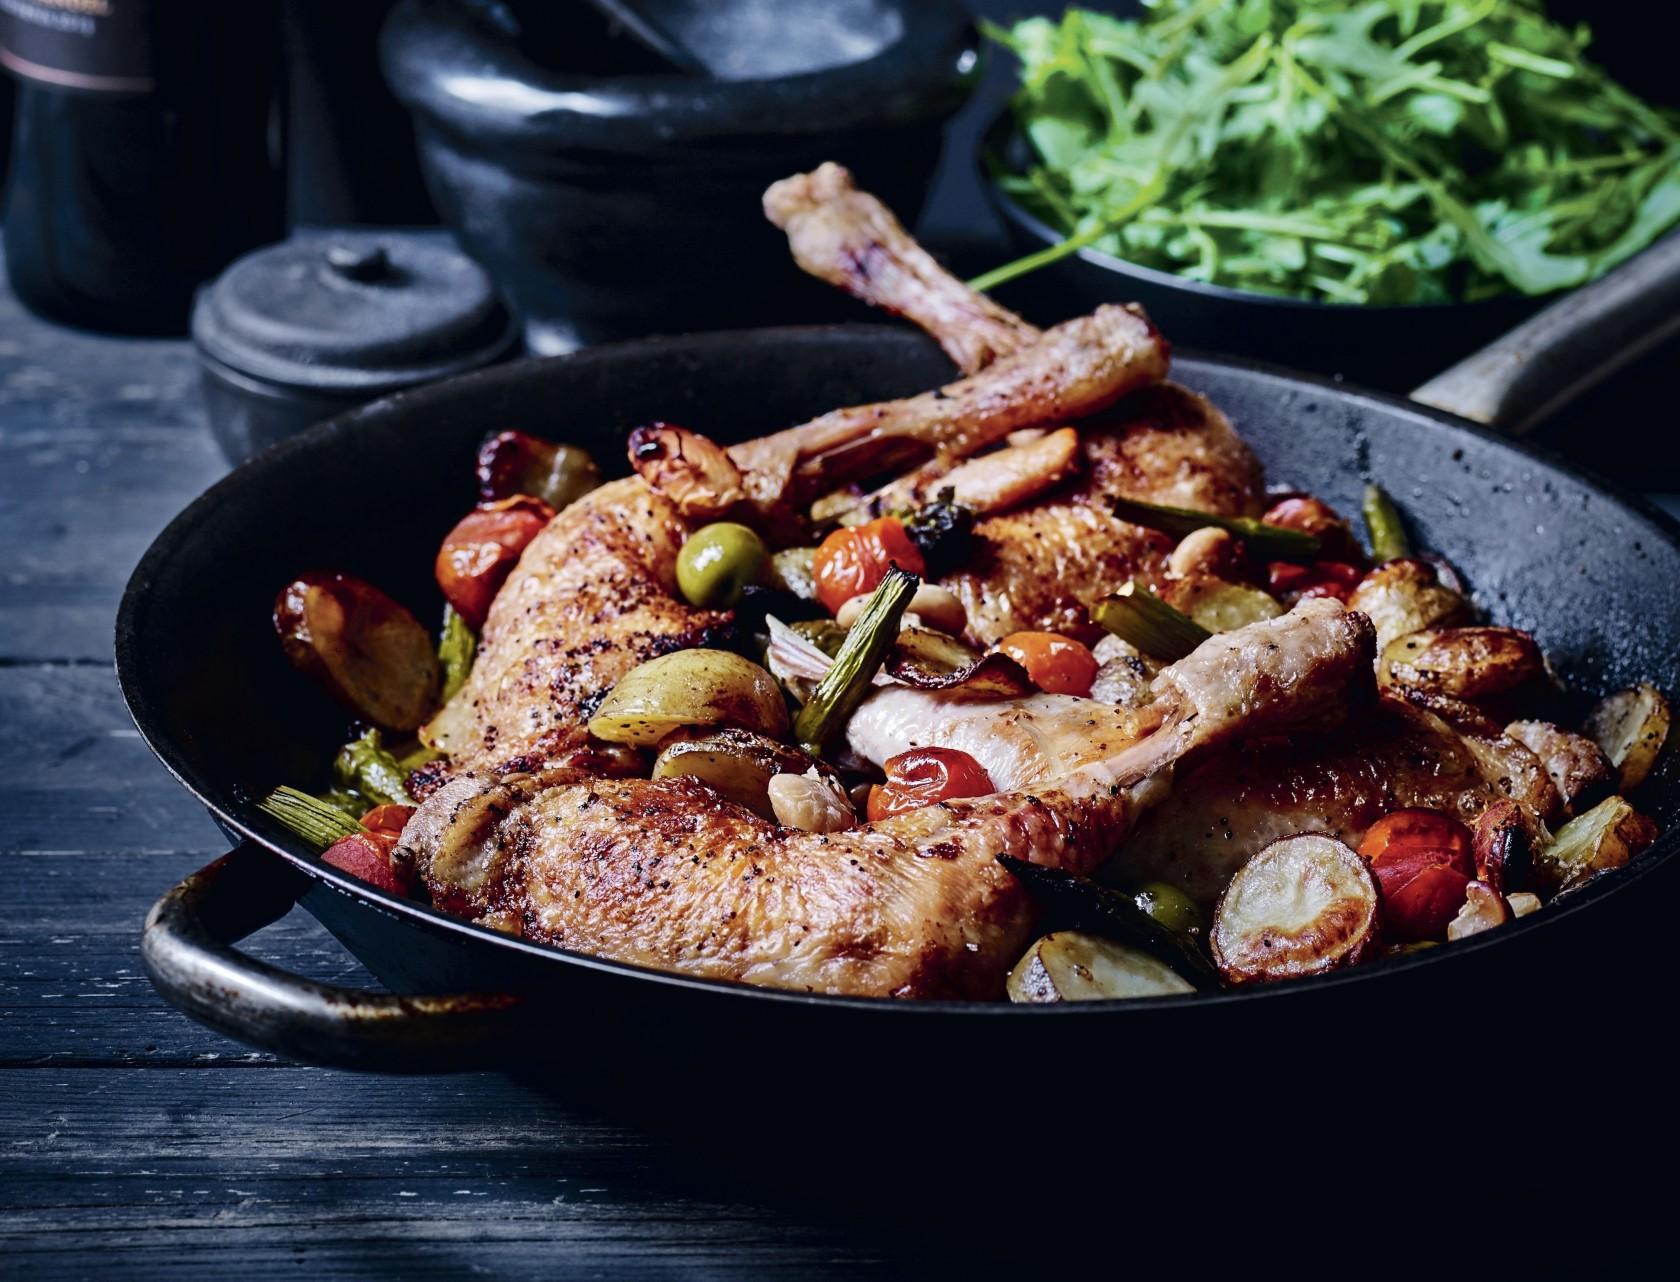 Kylling i ovn med kartofler og grøntsager